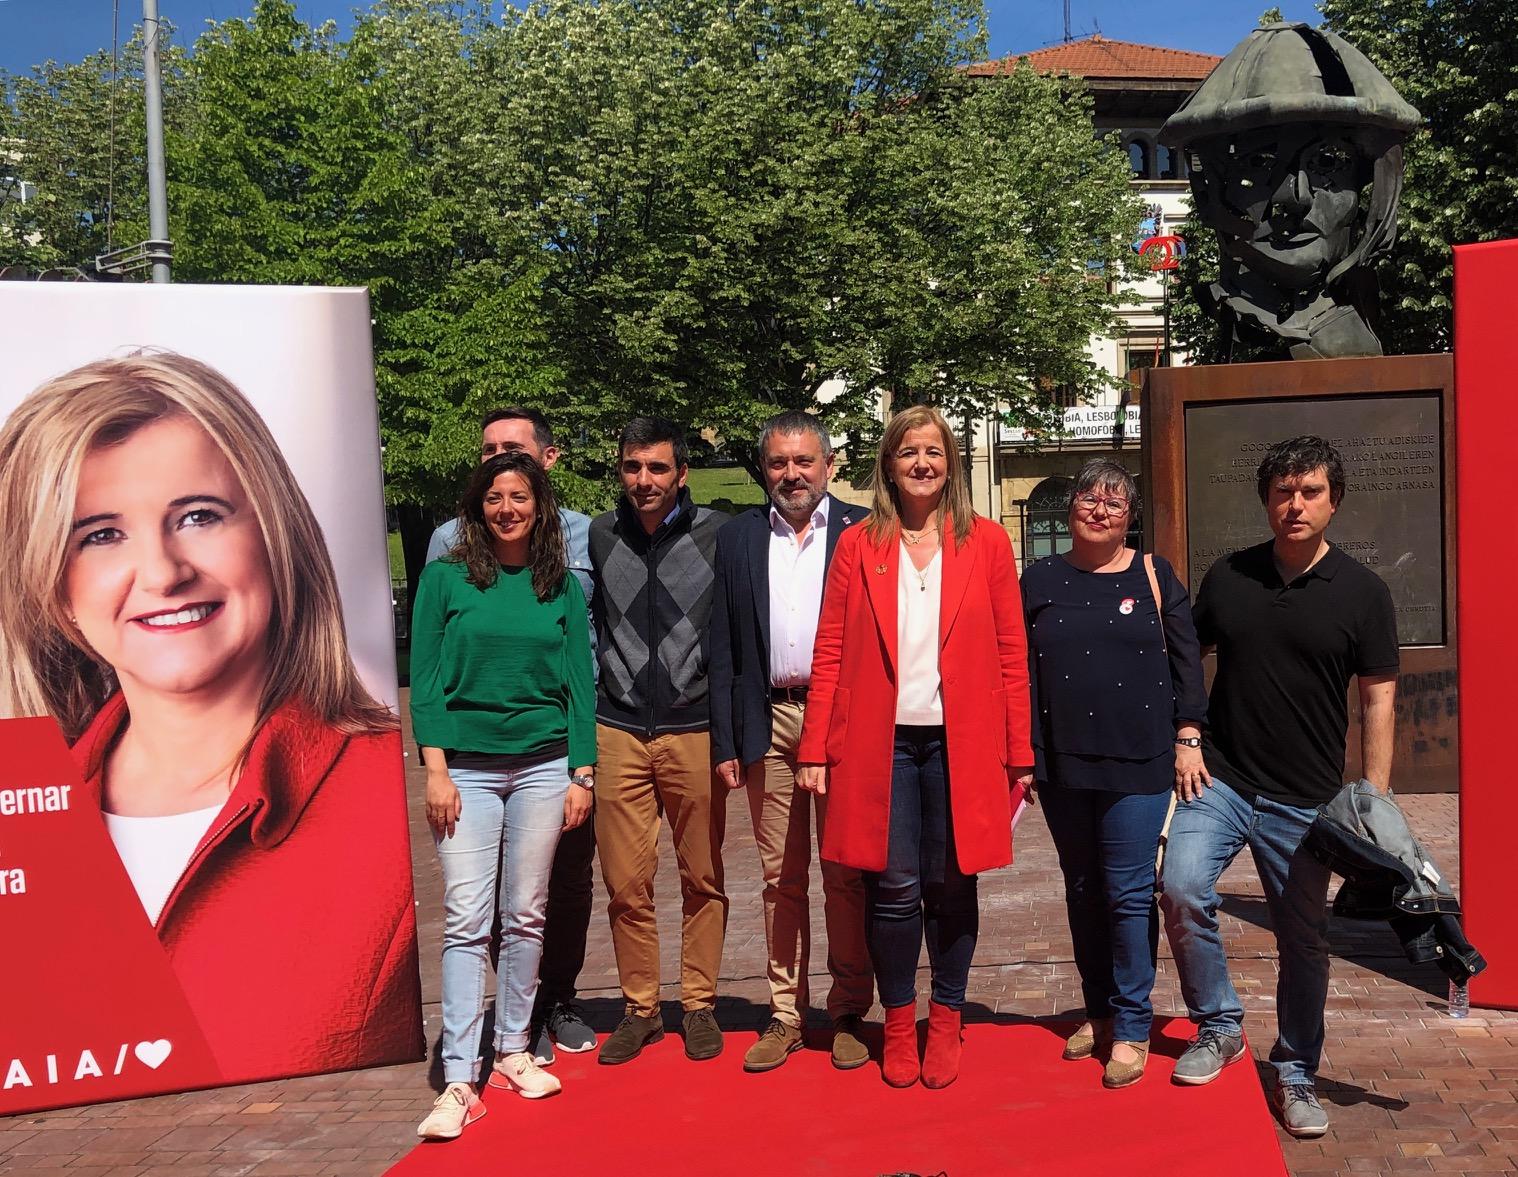 Acto político en Sestao, con Teresa Laespada y David Salso